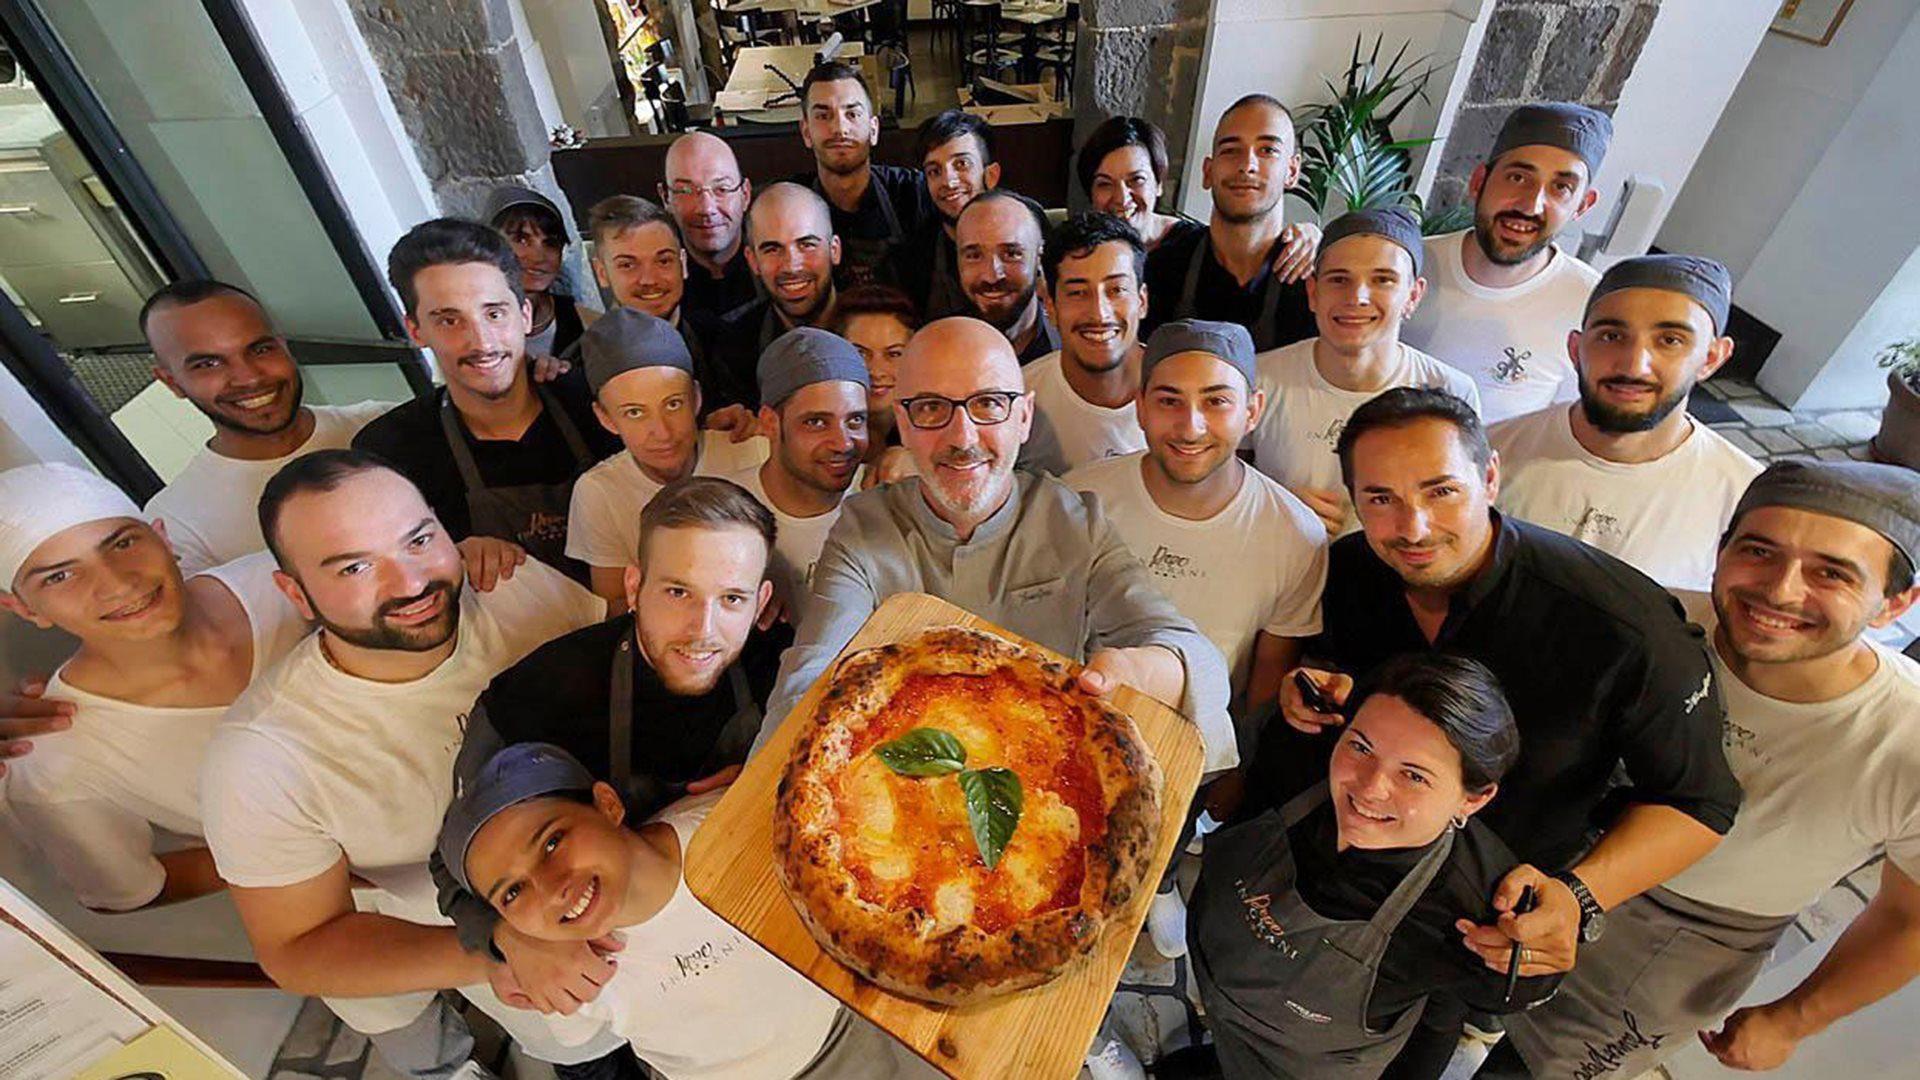 Coronavirus, il pizzaiolo Franco Pepe fa il pane per anziani e senzatetto